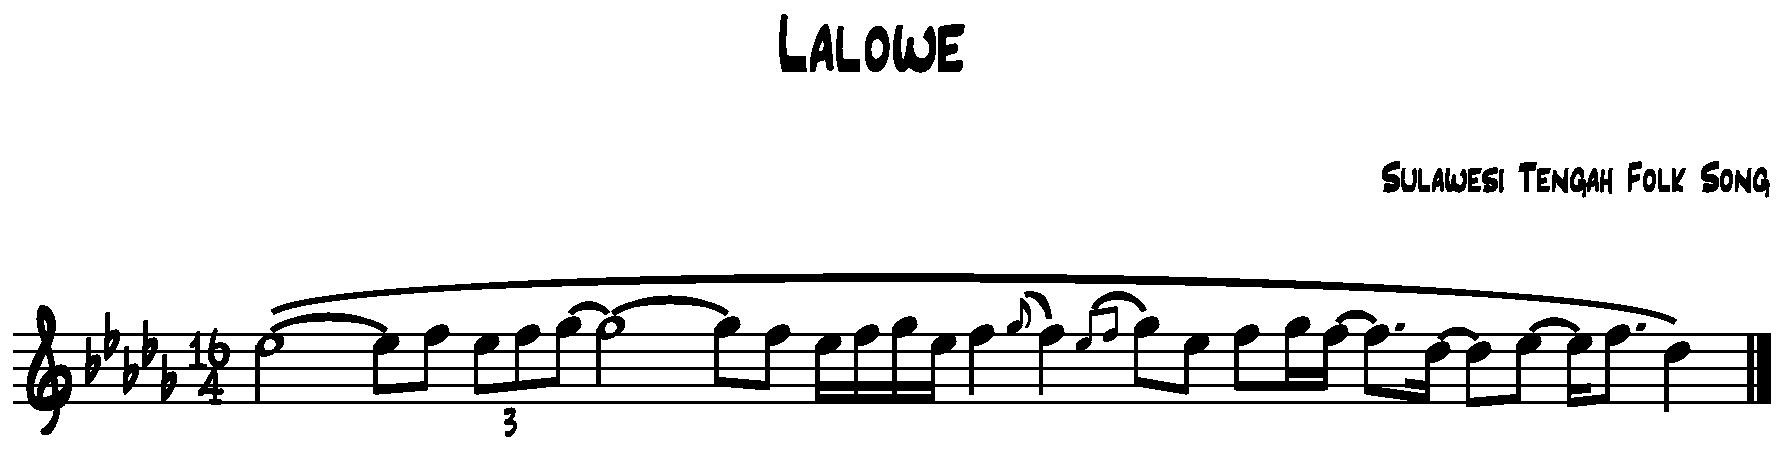 76 Gambar Alat Musik Lalove Terlihat Keren